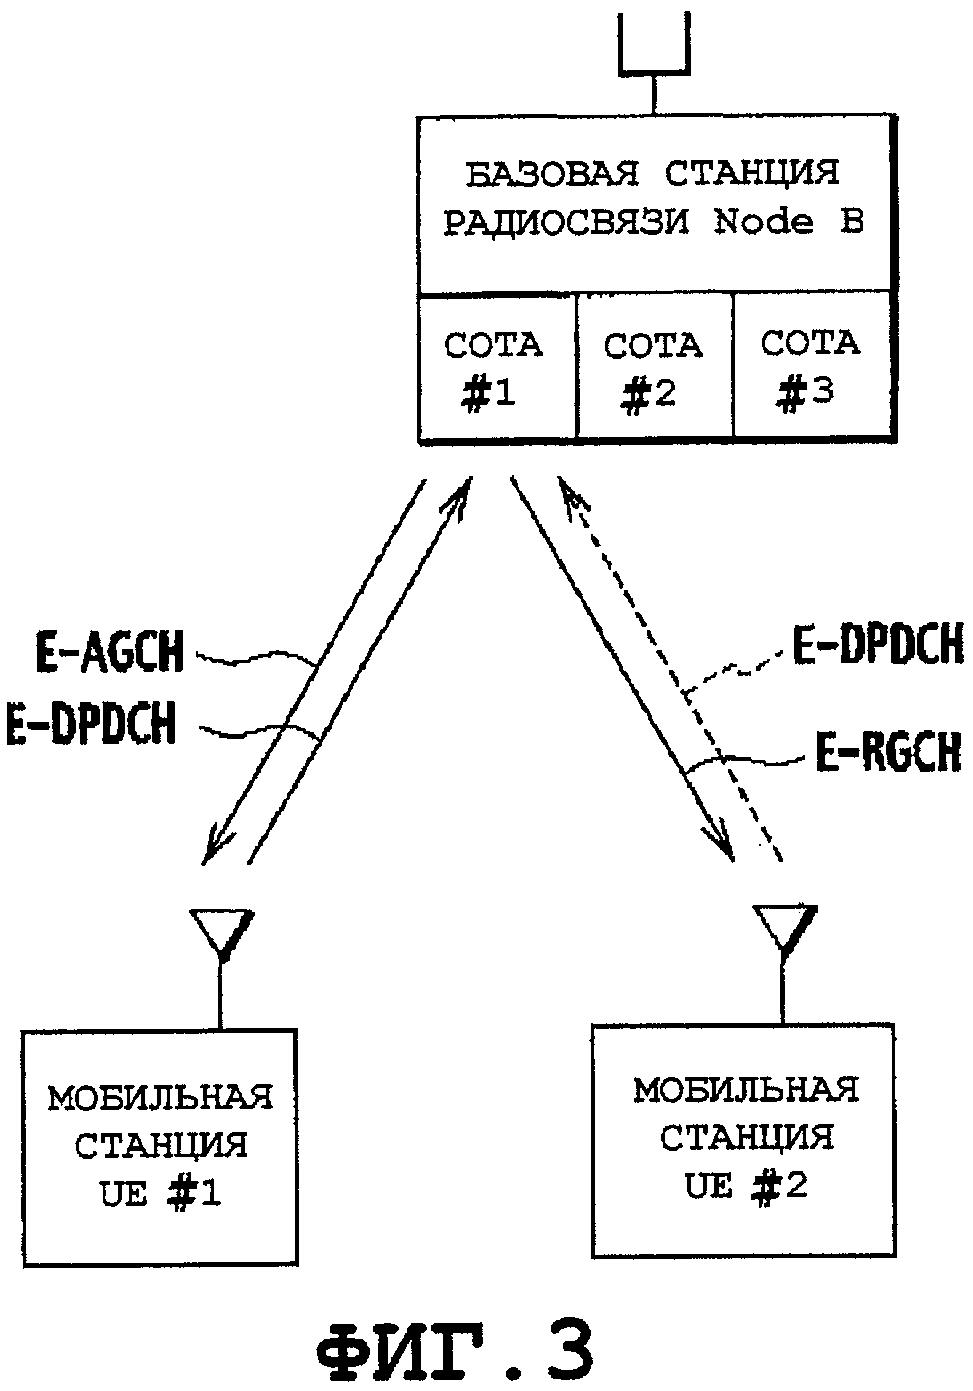 Способ управления скоростью передачи, мобильная станция, базовая станция радиосвязи и контроллер радиосети